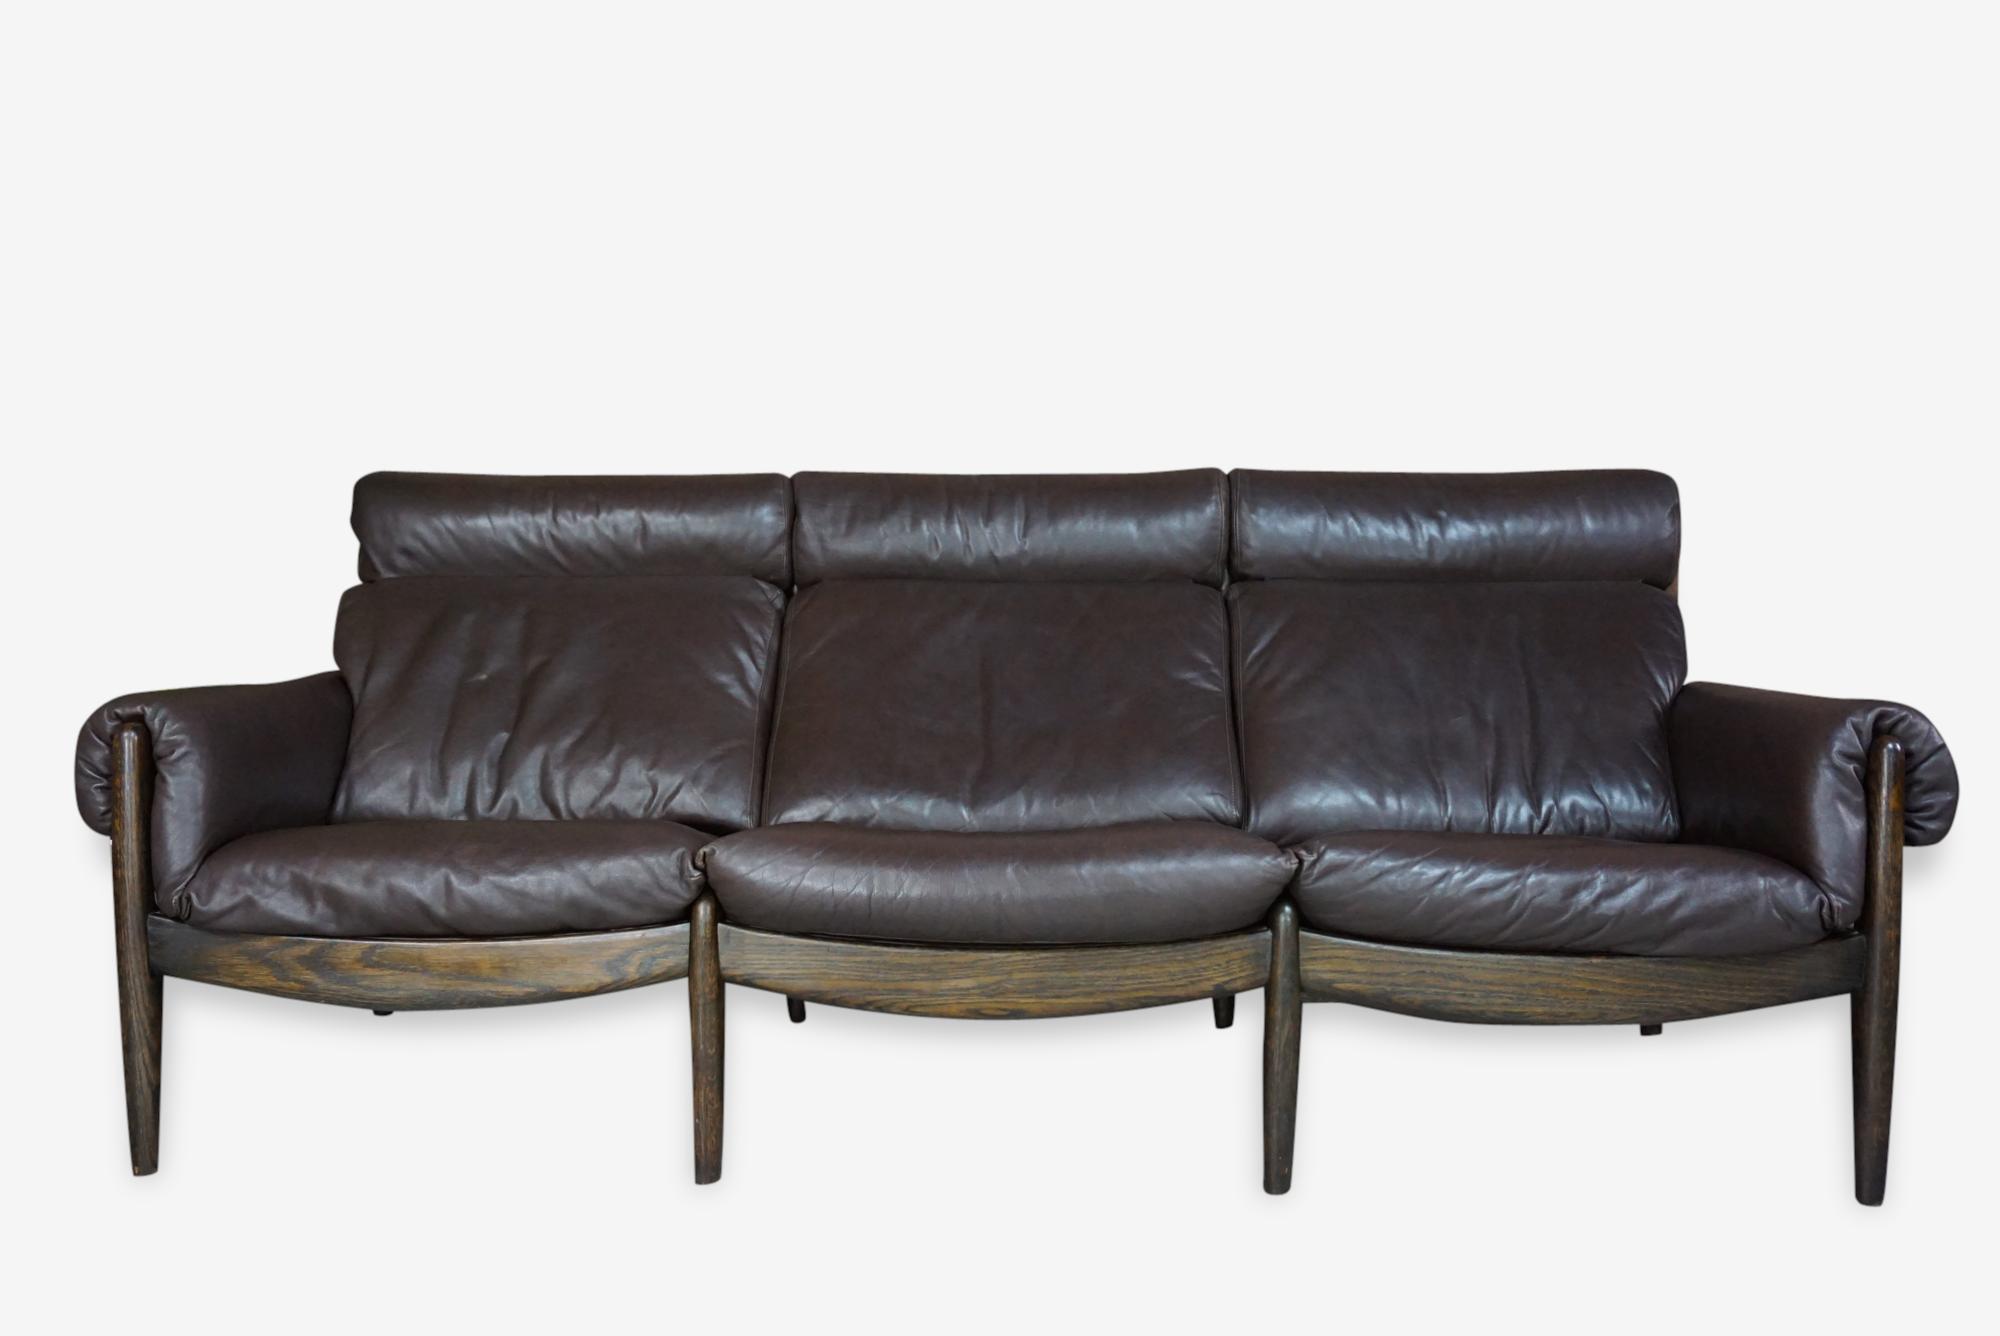 Canapé scandinave 3 places en cuir